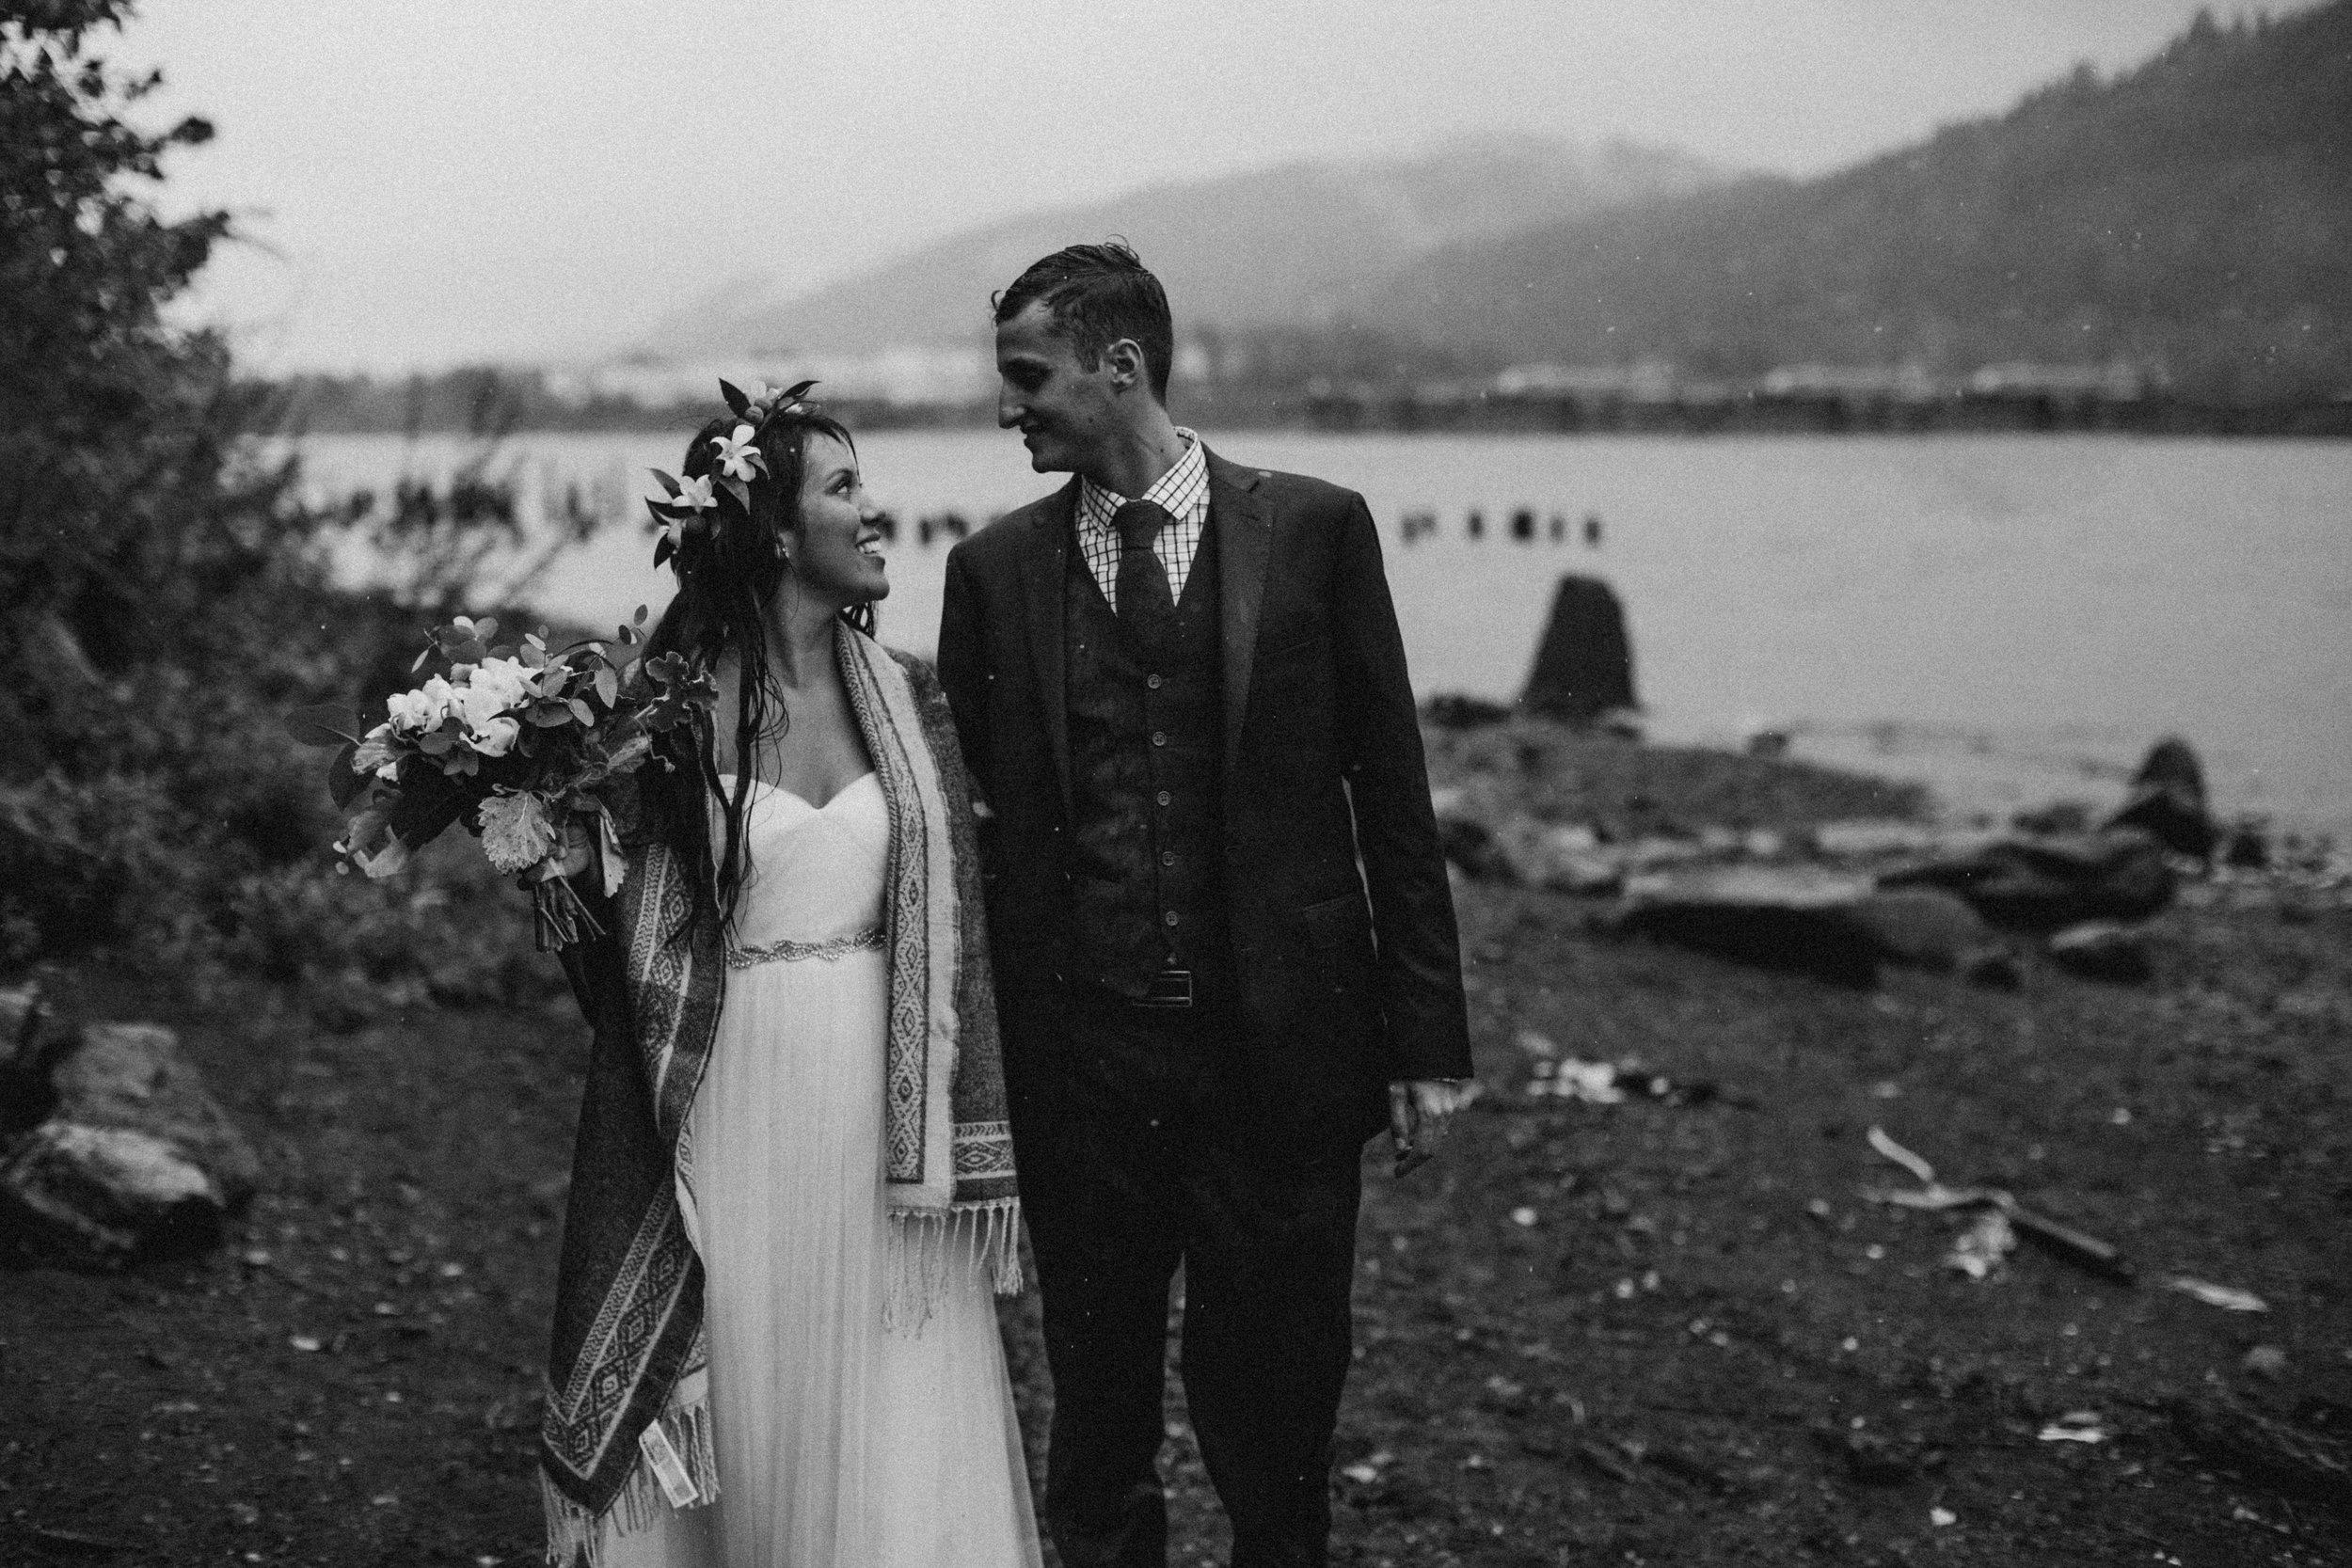 Boise Portland WEdding Photographer Leah Flores